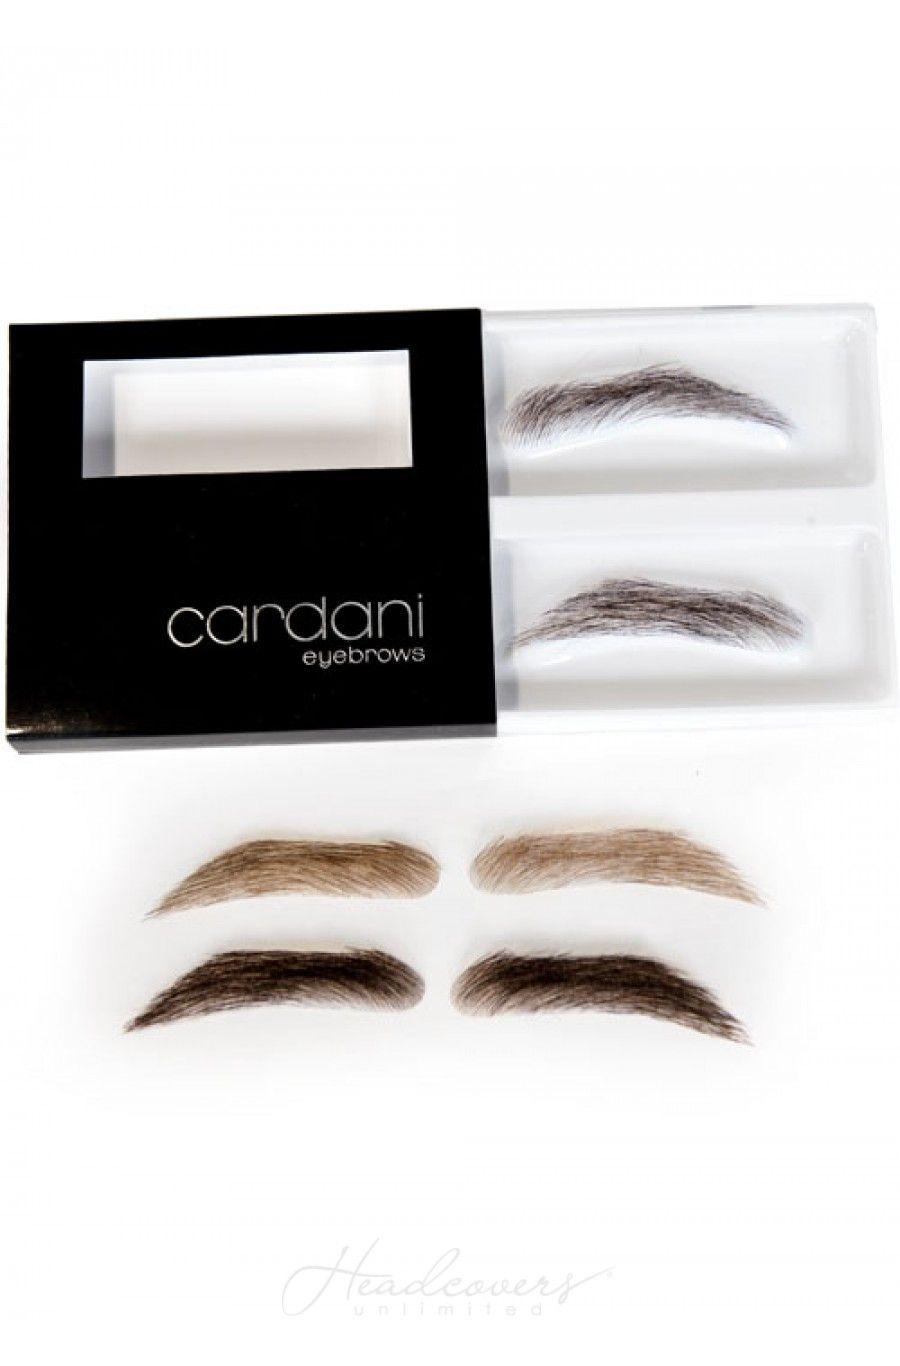 Cardani Fake Eyebrows for Men | Human Hair Stick On ...